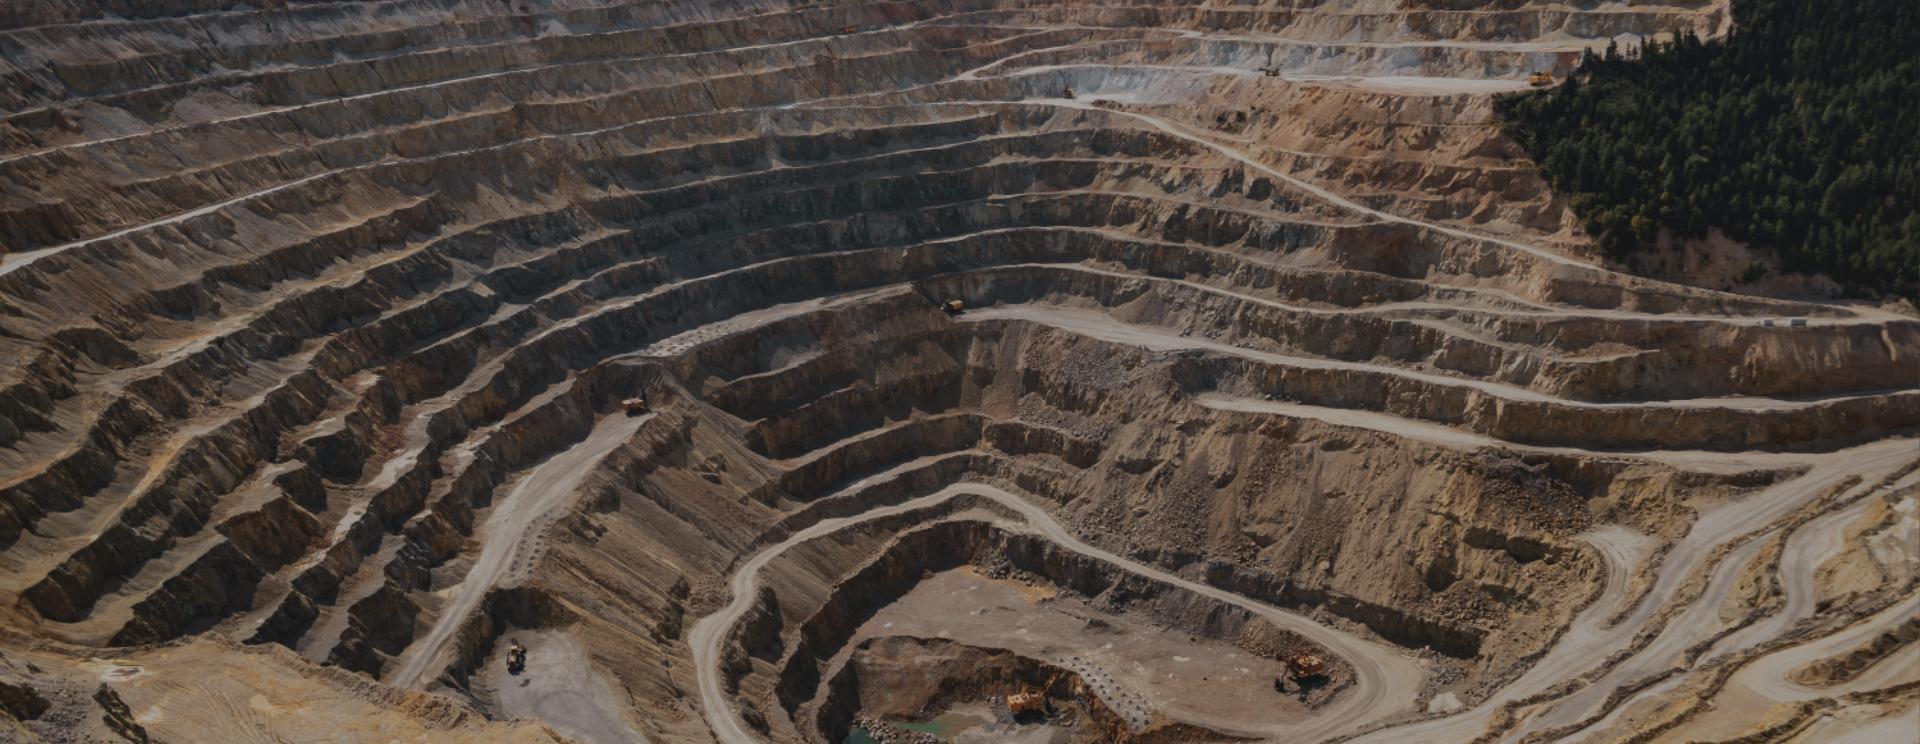 mining-bg